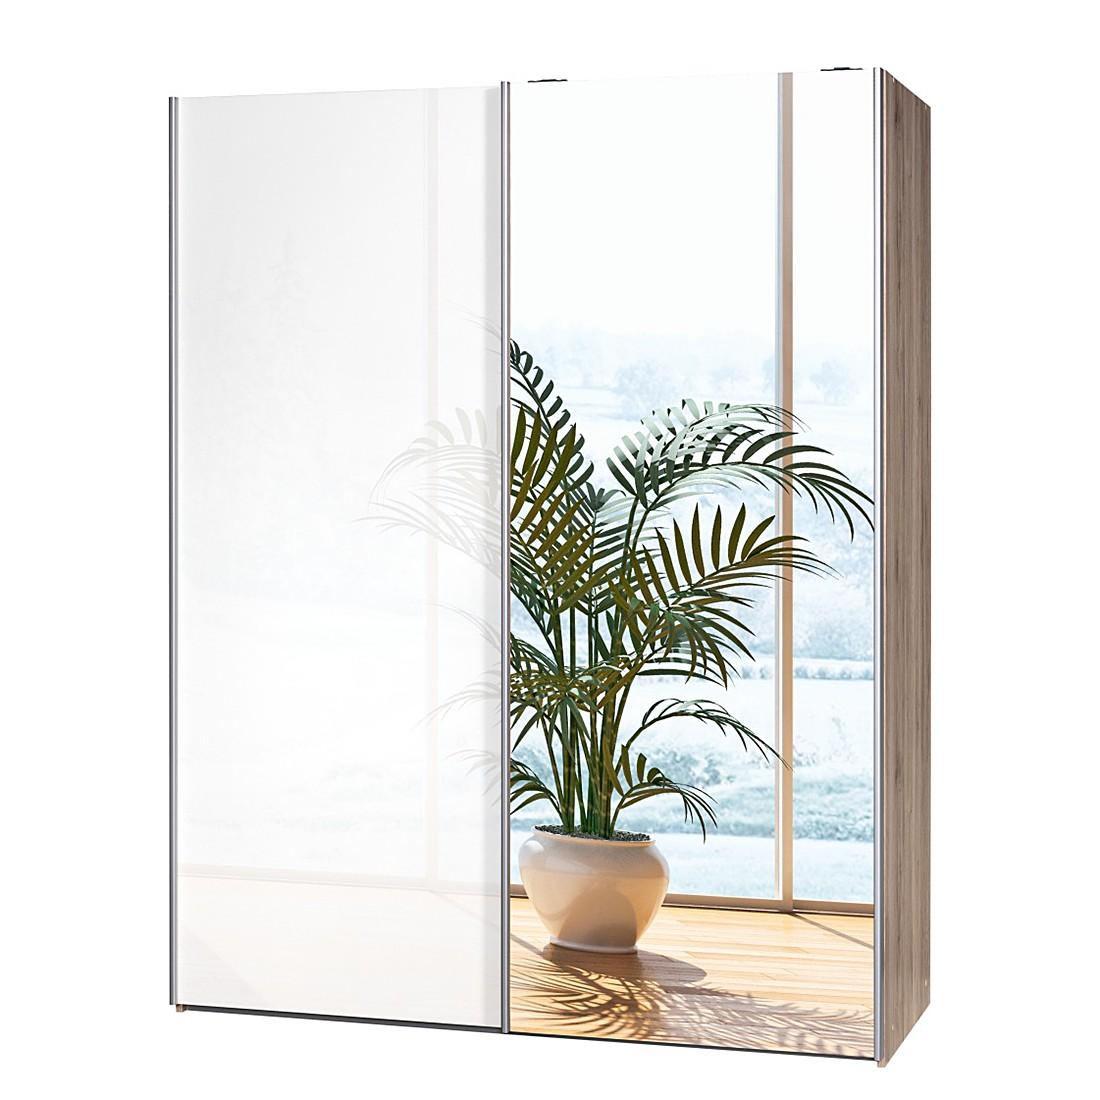 schwebet renschrank hochglanz wei spiegel. Black Bedroom Furniture Sets. Home Design Ideas